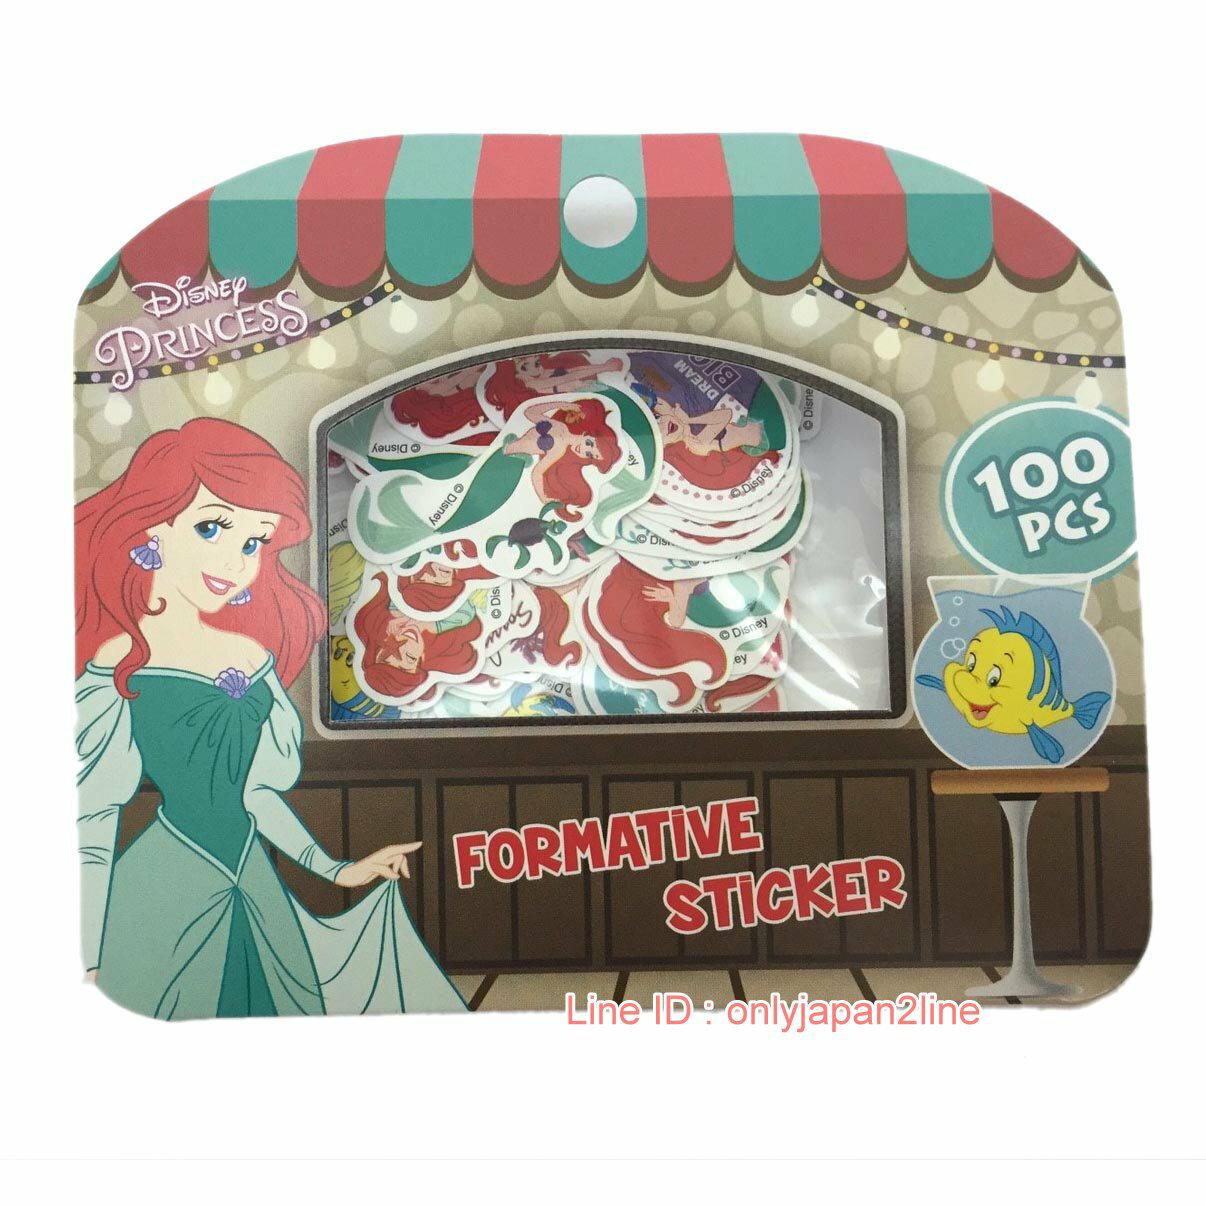 【真愛日本】17022300019迪士尼顆粒包貼紙-小美人魚  迪士尼 小美人魚 The Little Mermaid  正品 貼紙